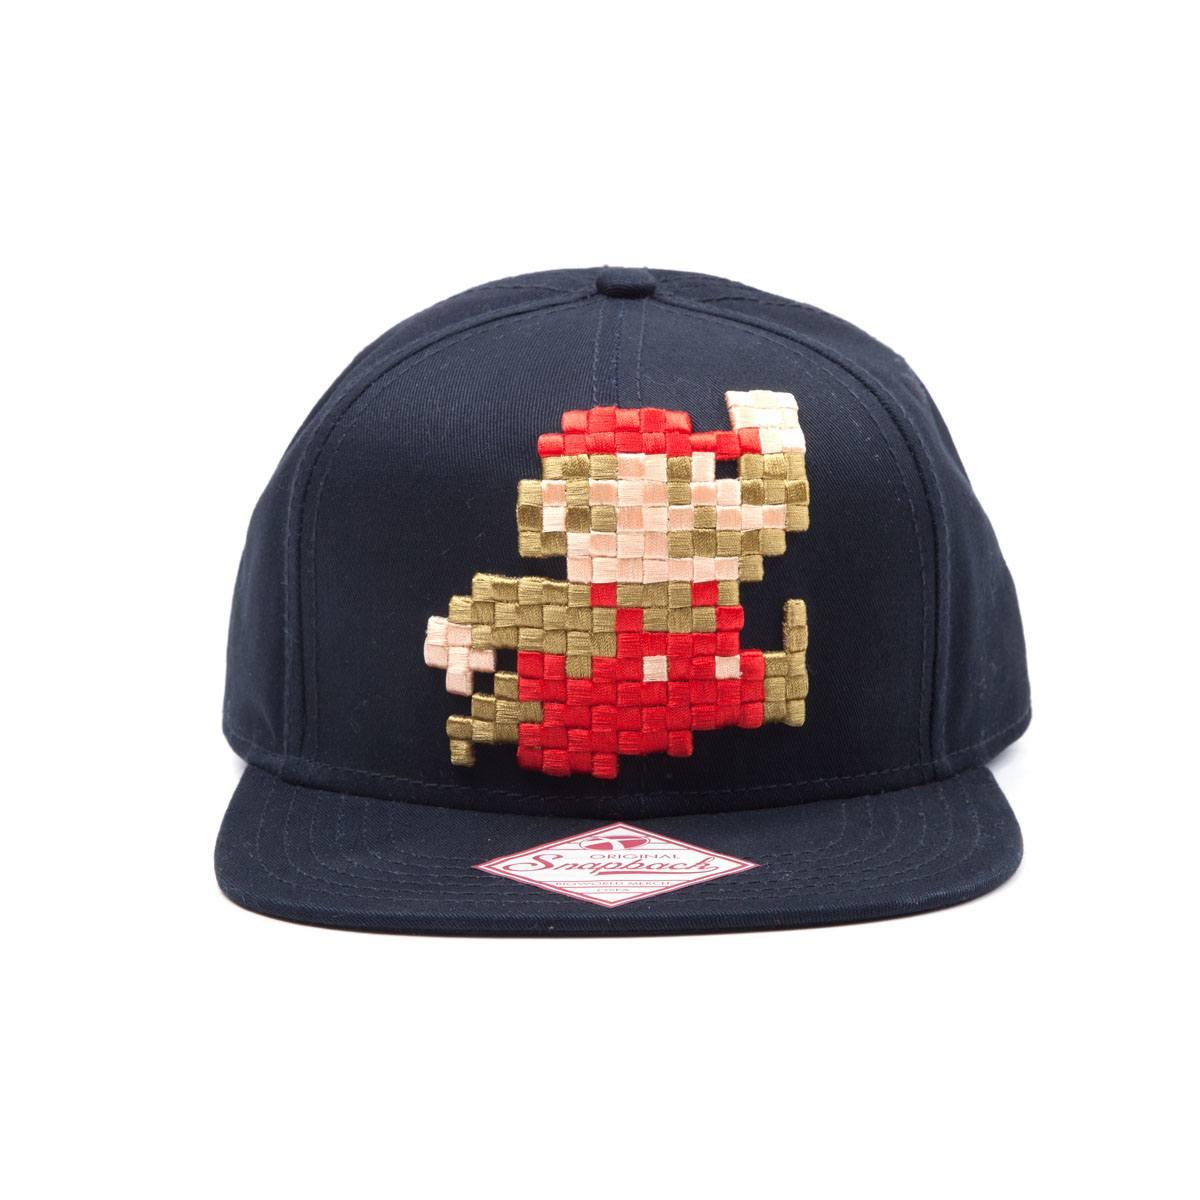 Nintendo Mario 8 Bit Pixel Snapback